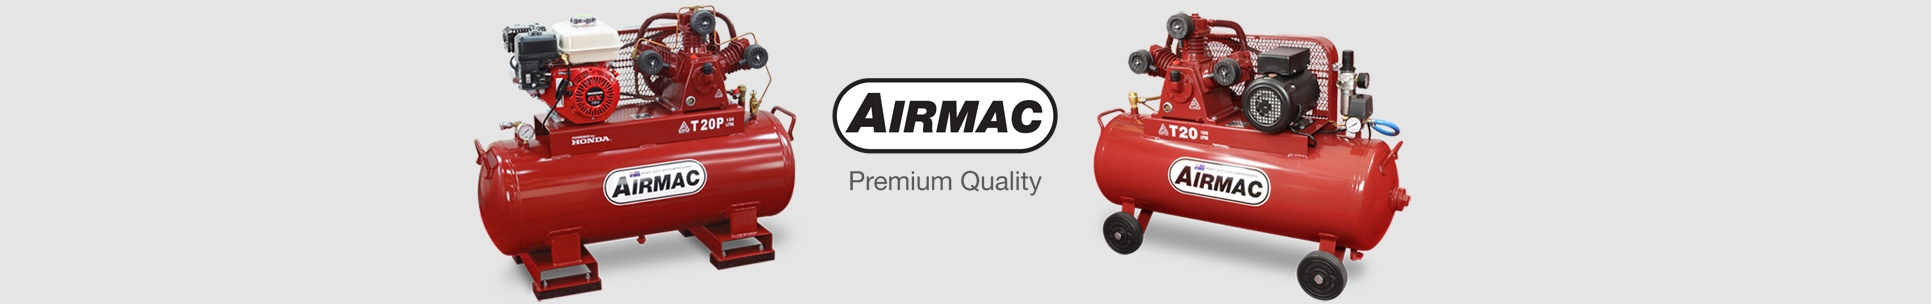 Airmac - Premium Quality